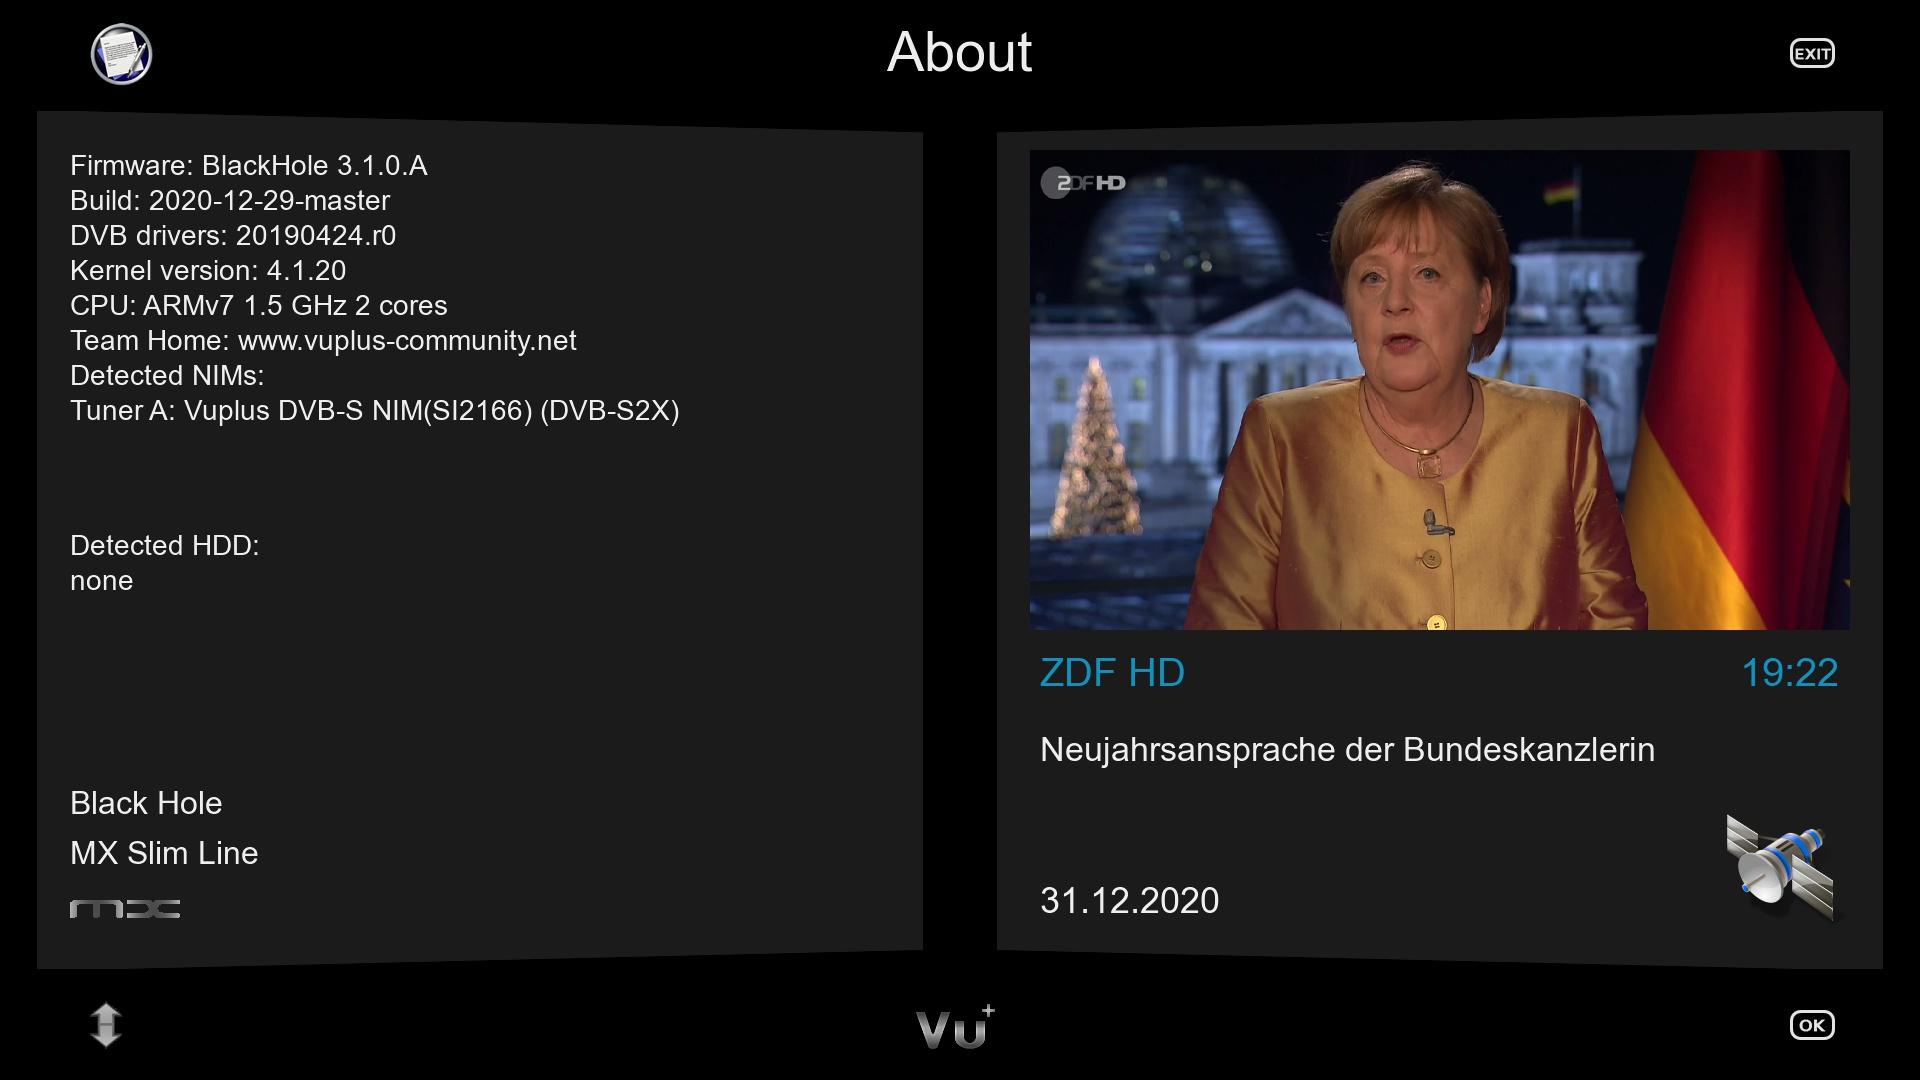 backup-blackhole-vuzero4k-6.jpg